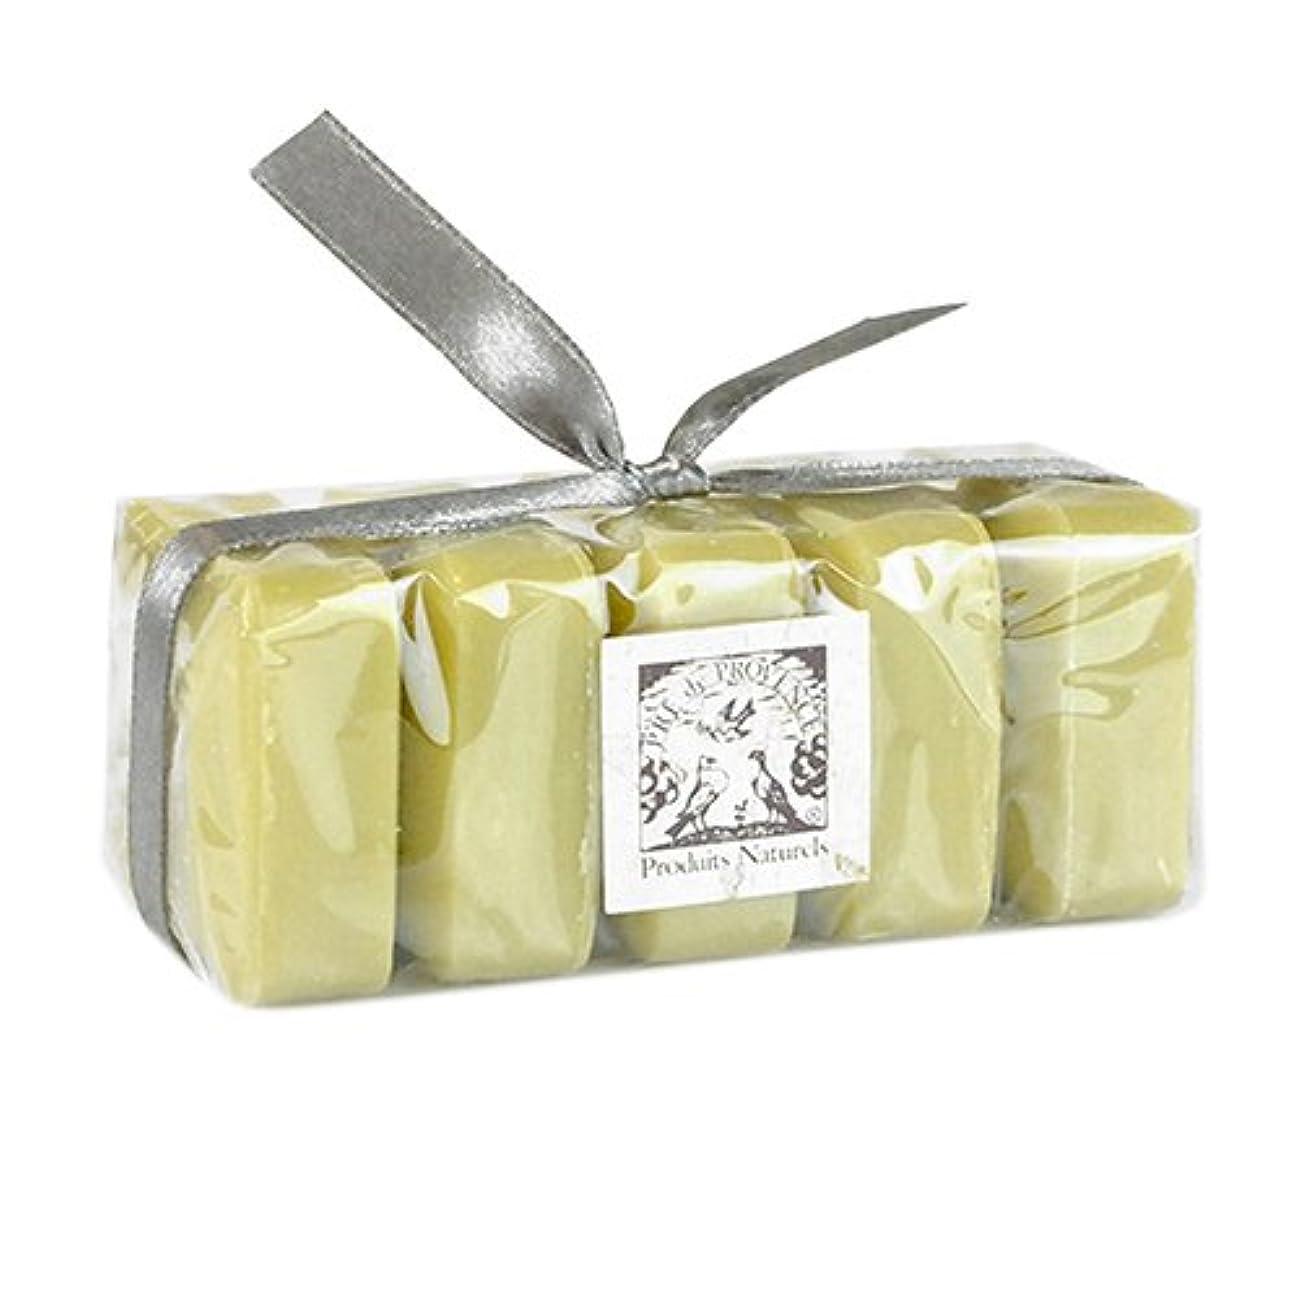 実際アプライアンス釈義PRE de PROVENCE シアバター エンリッチドソープ ギフトパック バーベナ VERBENA プレ ドゥ プロヴァンス Shea Butter Enriched Soap